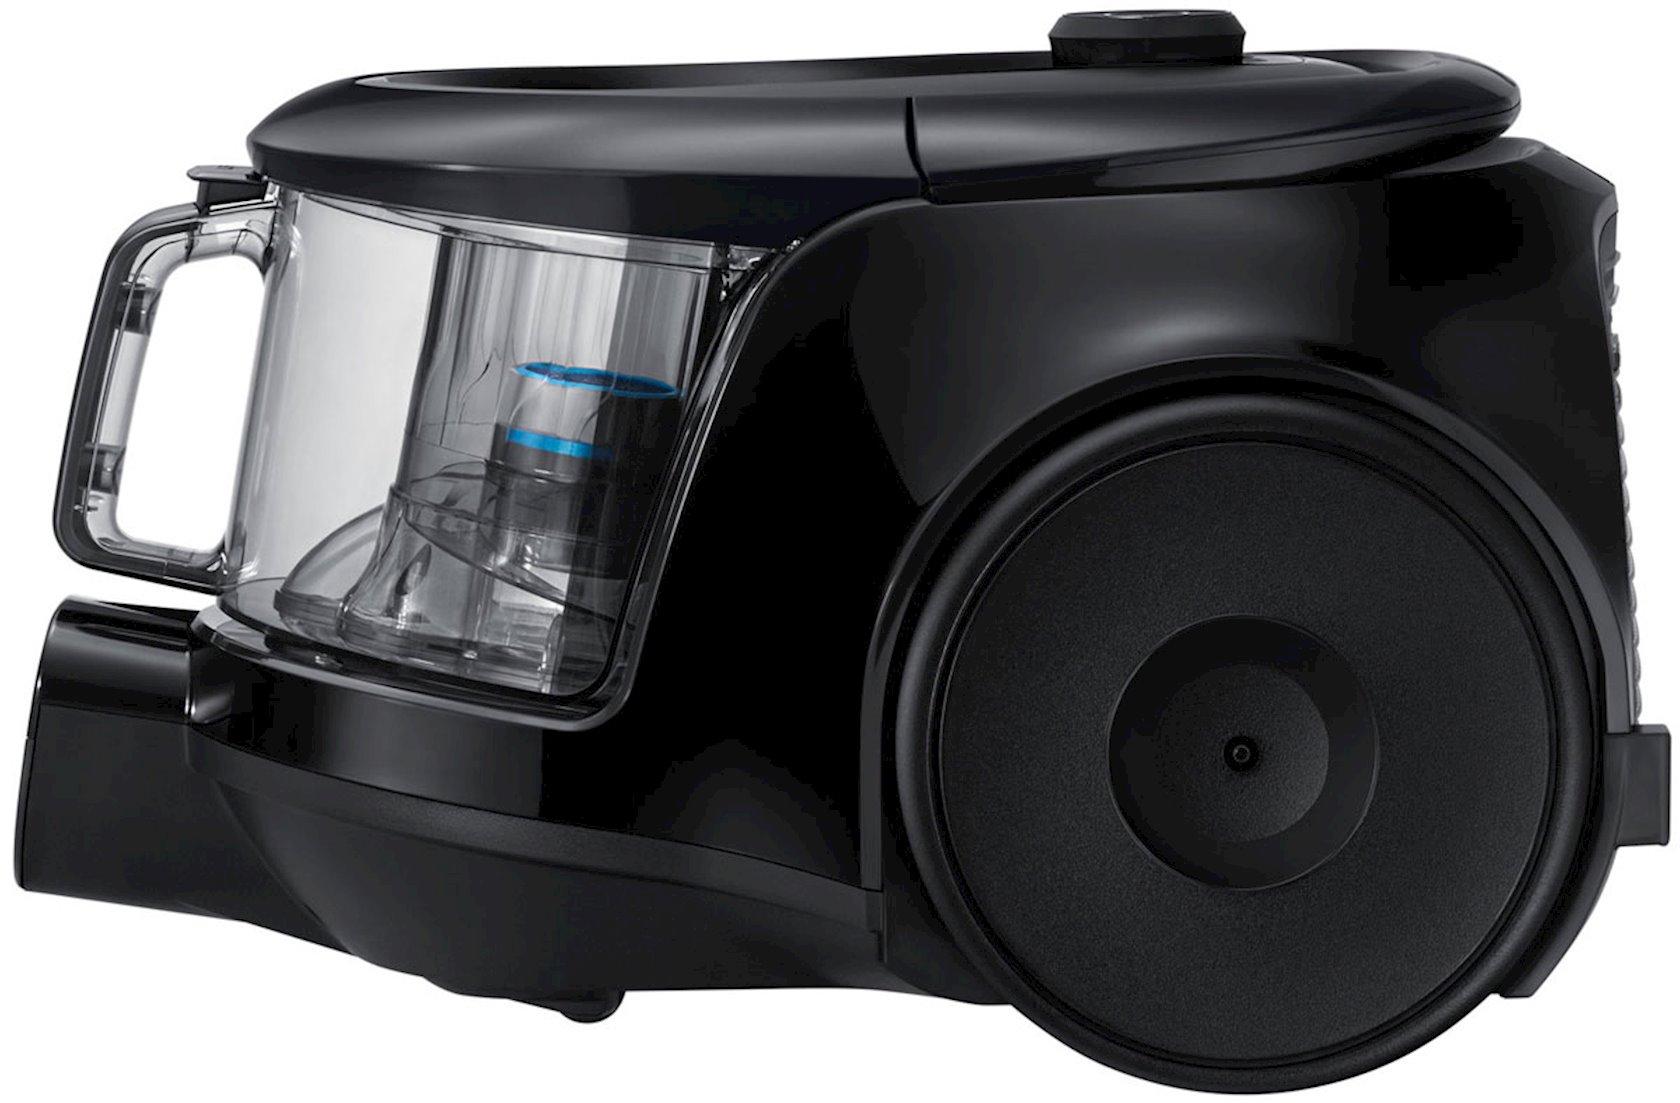 Пылесос Samsung VC18M21D0VG, черный